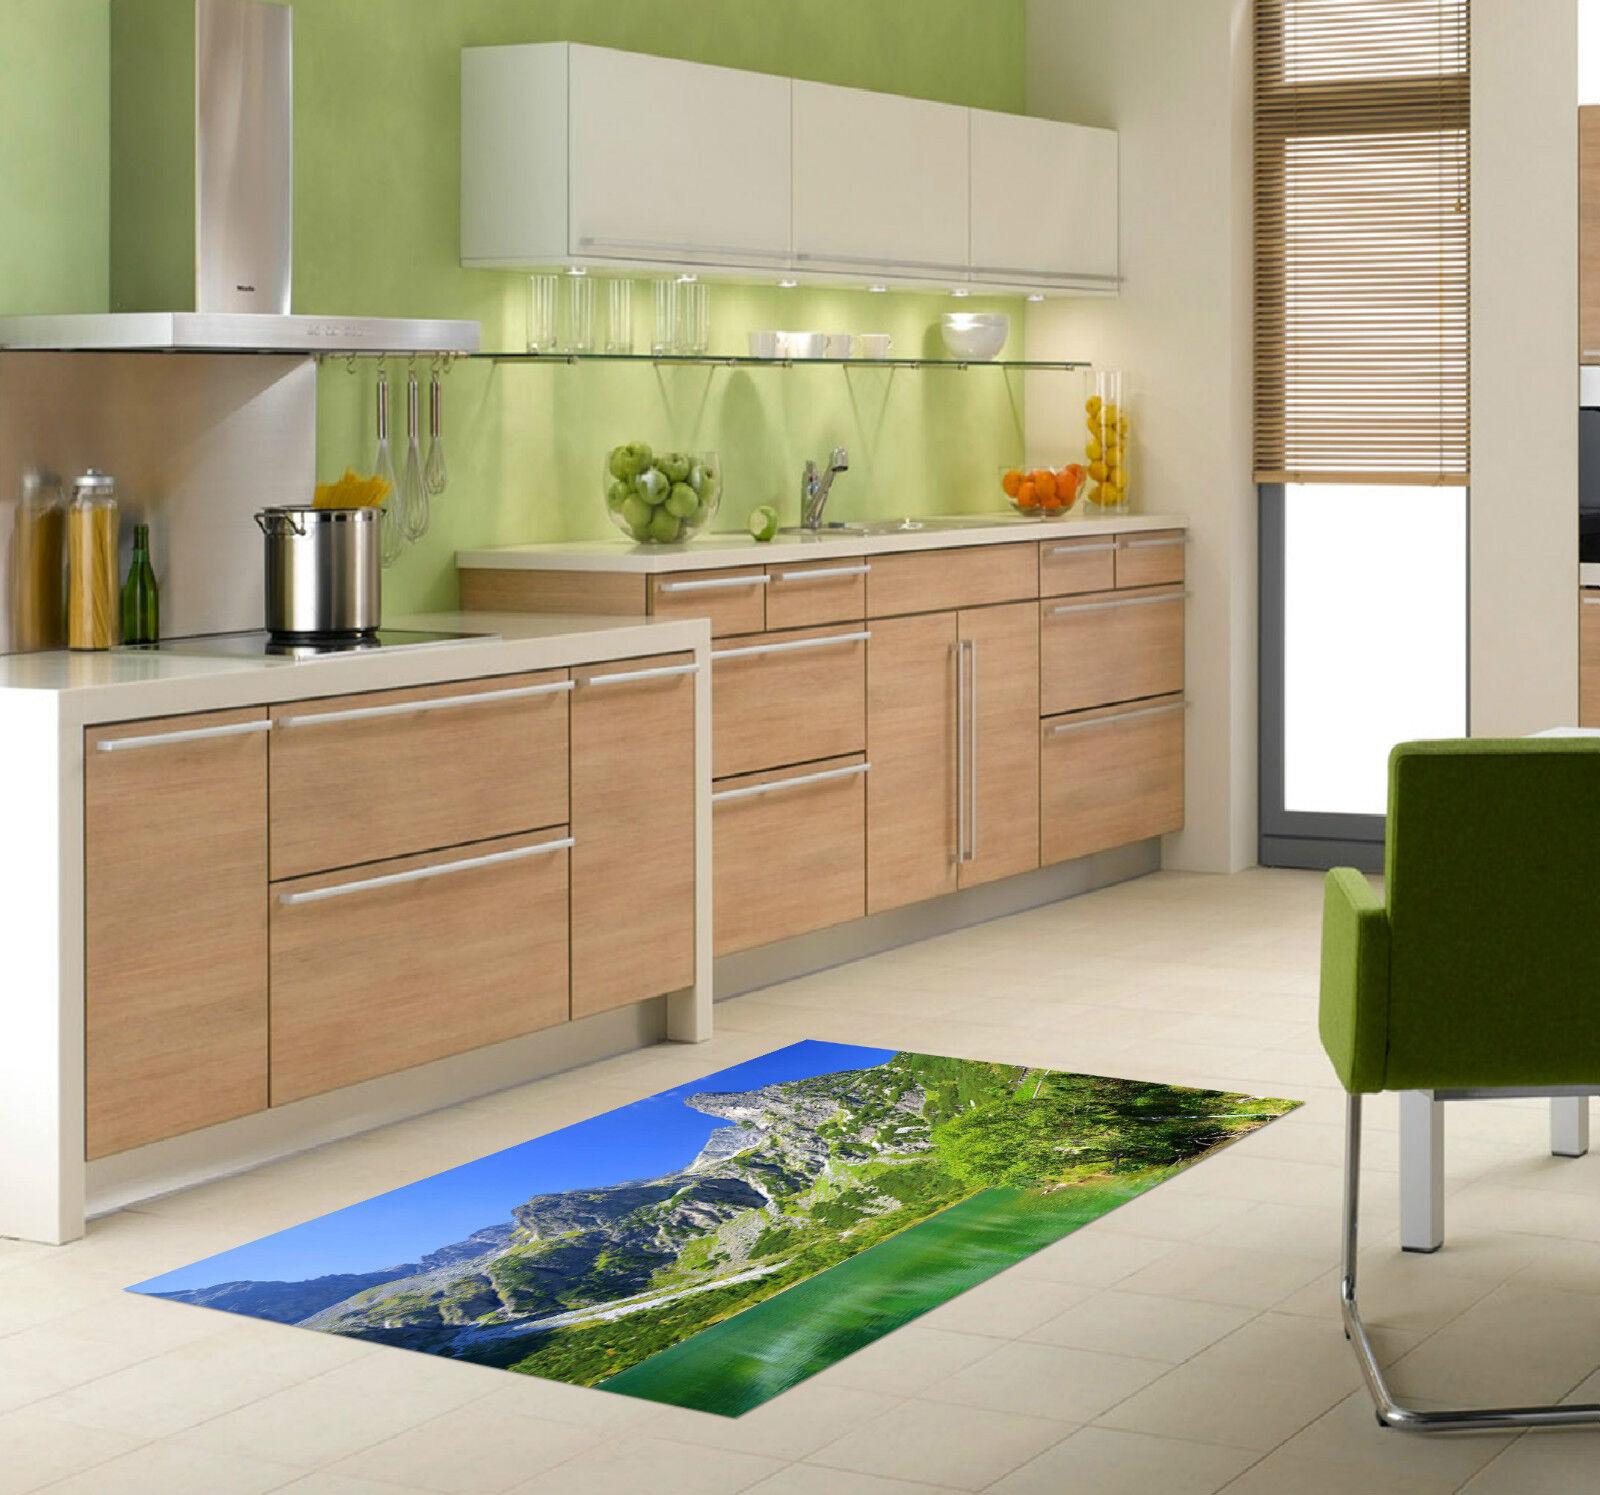 3D Paysages Lac Alpin 080 Décor Mural Murale De Mur Mur Mur De Cuisine AJ WALLPAPER FR | Large Sélection  0d1a48